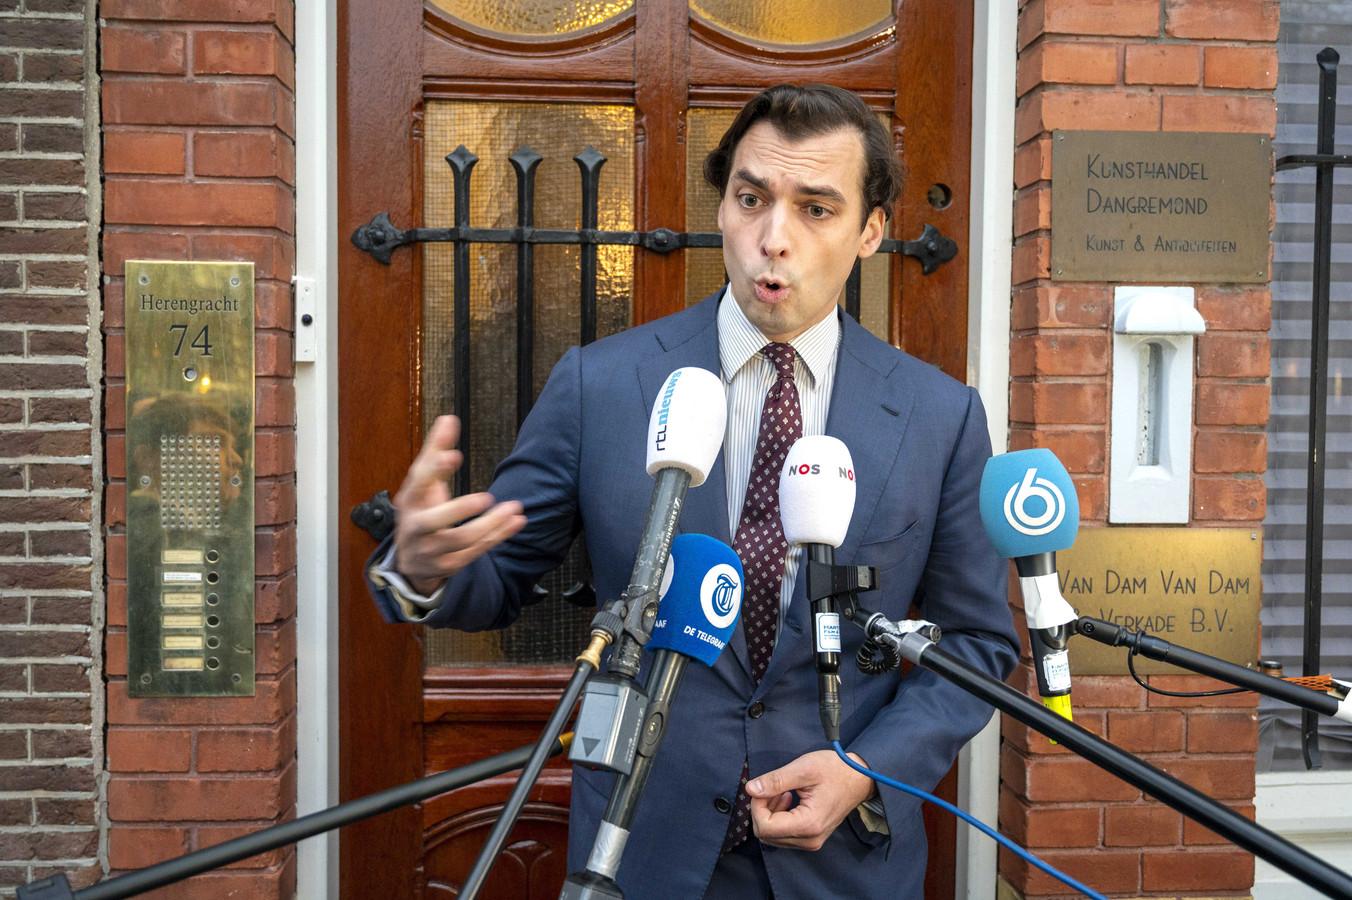 Thierry Baudet staat vrijdag voor het partijkantoor van Forum voor Democratie de pers te woord over de ontstane situatie.